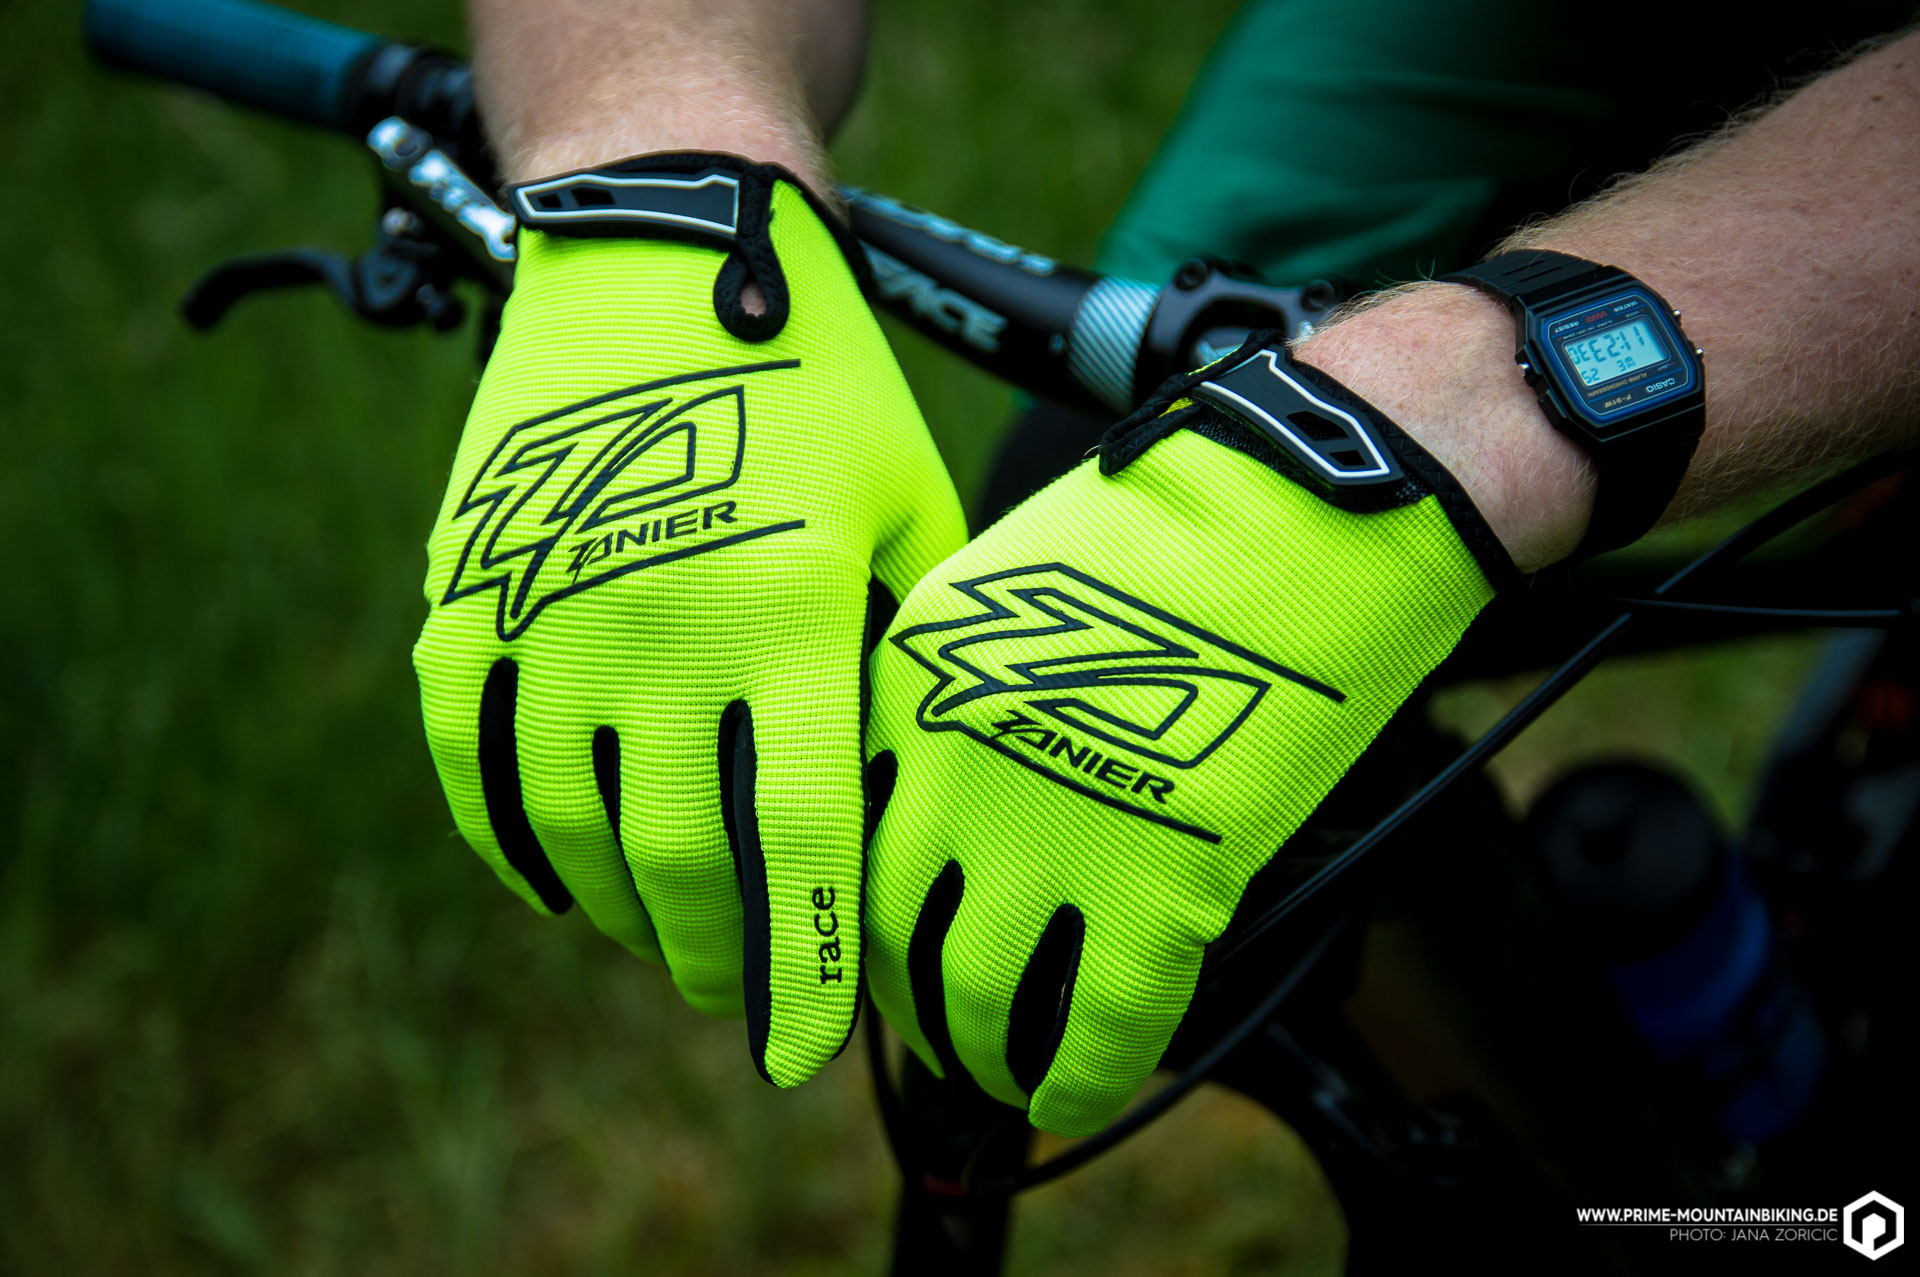 Ganz schön schnell sehen die neuen Downhill Race Handschuhe von Zanier schon mal aus!